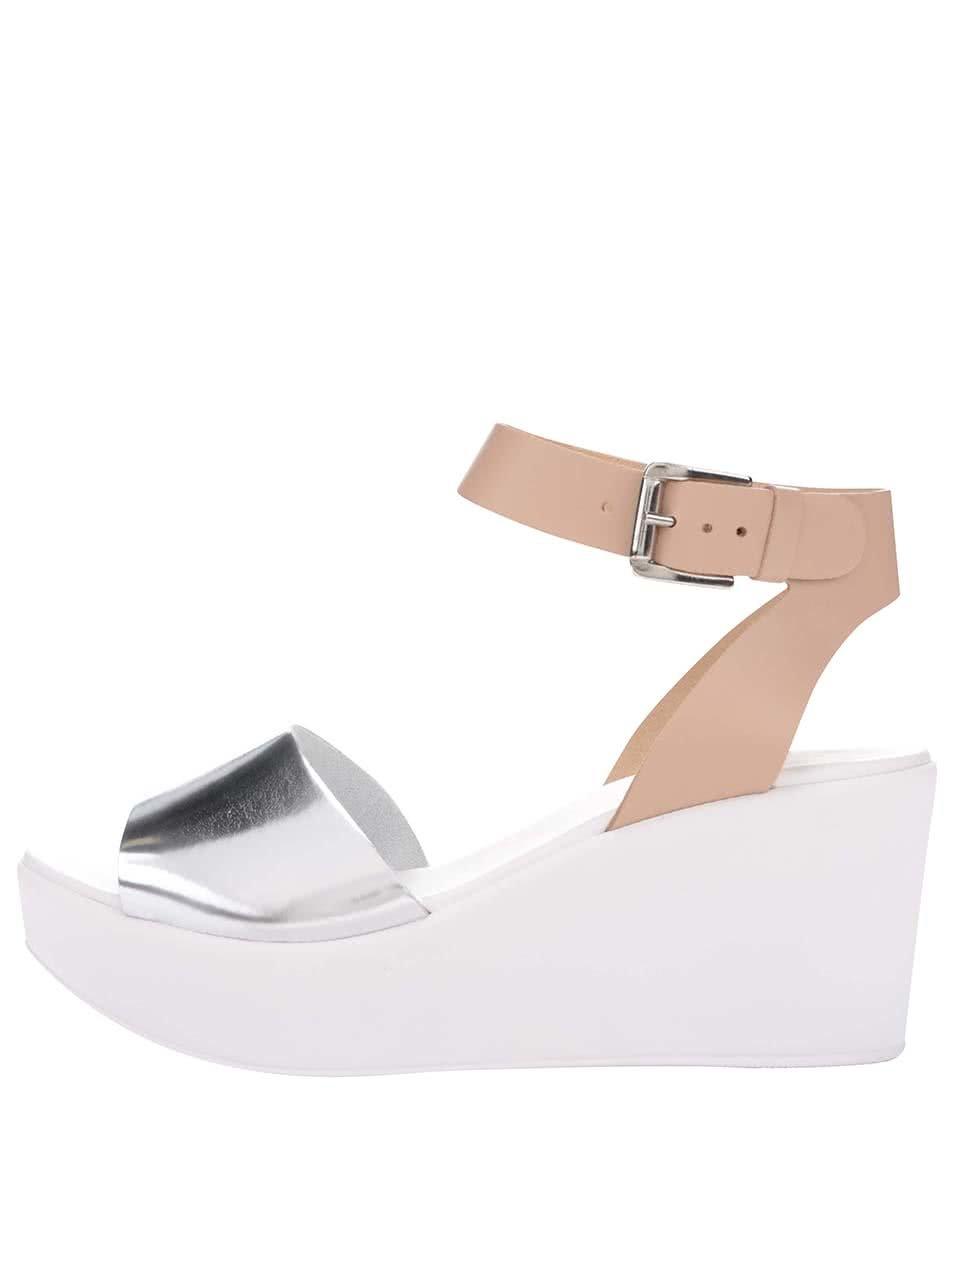 59f59057de Béžovo-biele kožené sandálky na platforme Miss Selfridge ...